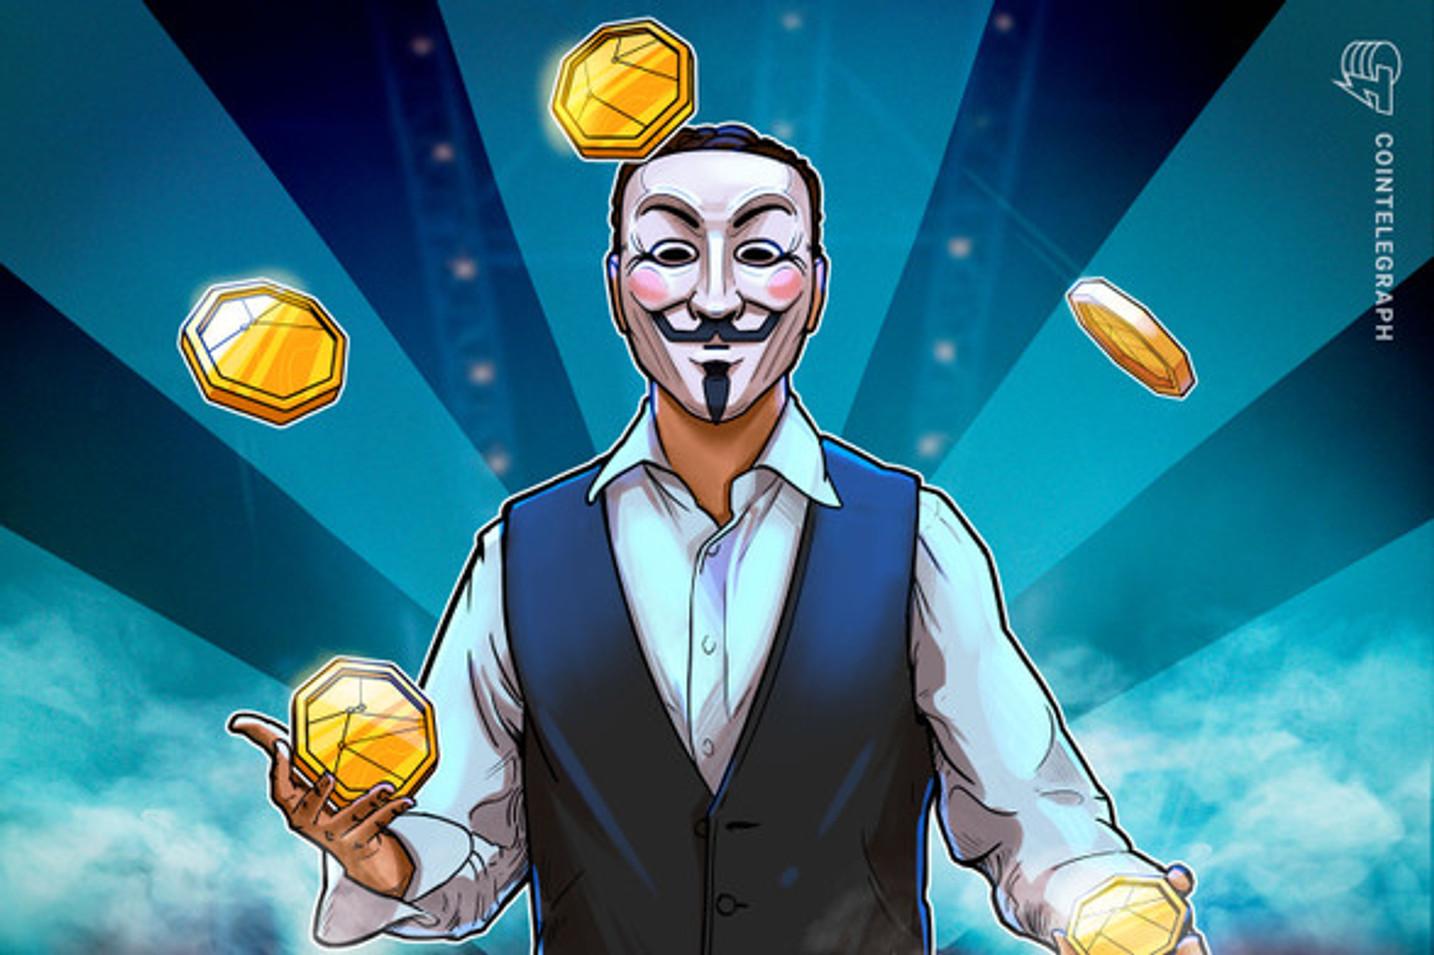 Especialista em Bitcoin dá dicas sobre 'como perder dinheiro com criptomoedas'